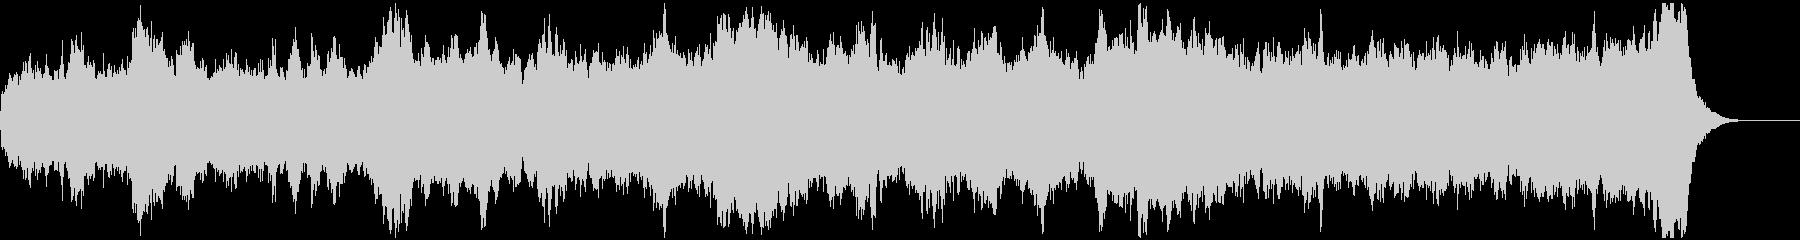 パイプオルガンの前奏曲 バッハ風の未再生の波形